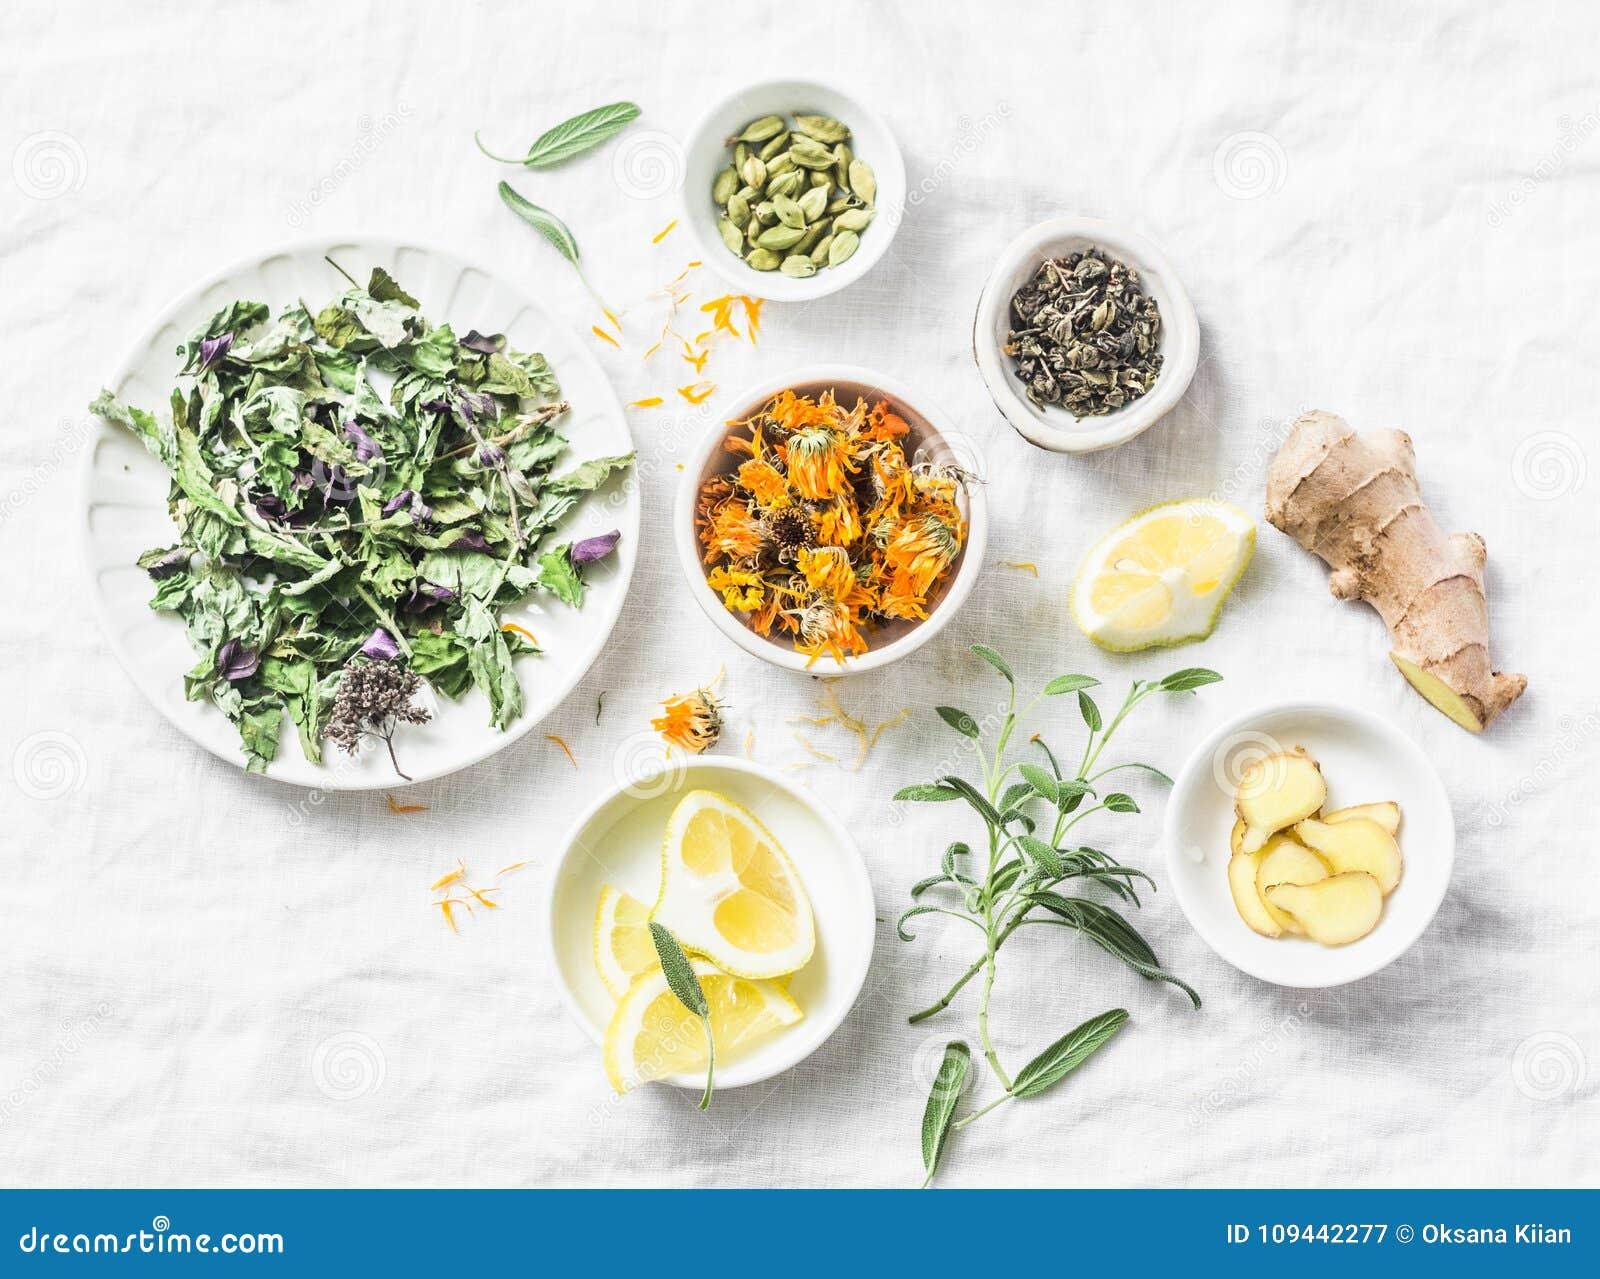 Ingredienti per il tè antiossidante su un fondo leggero, vista superiore della disintossicazione del fegato Erbe asciutte, radici